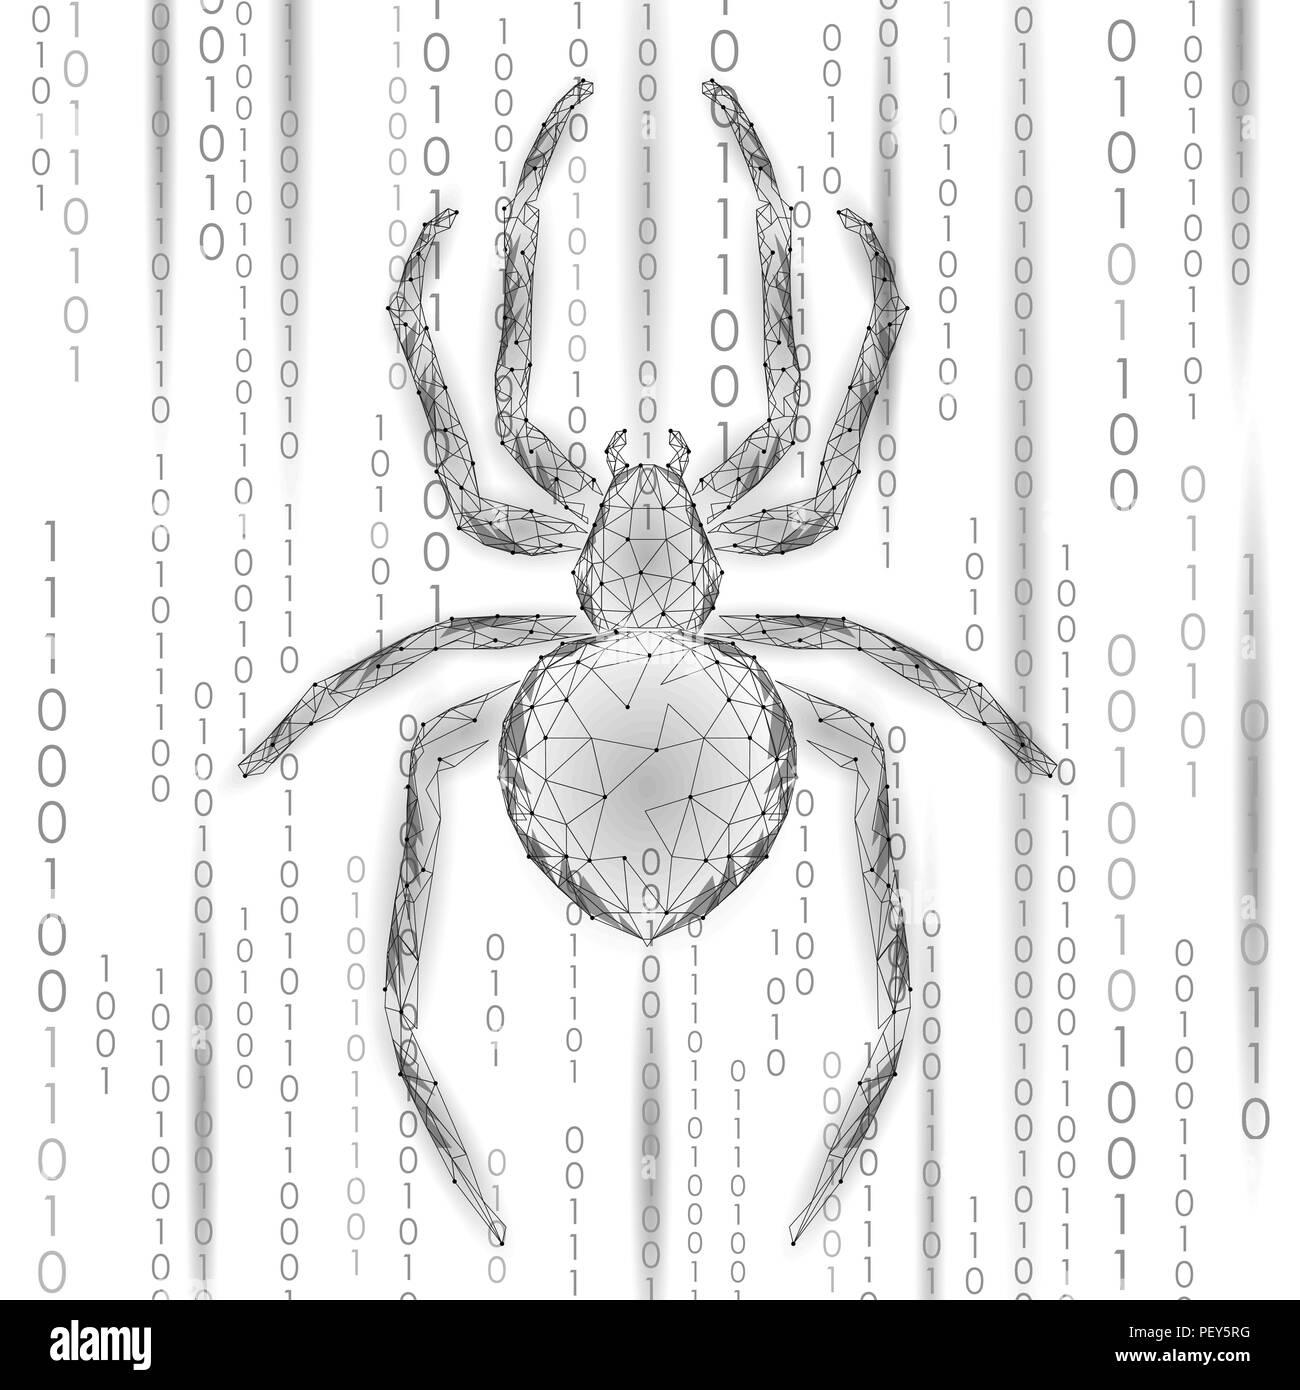 Poli bajo ataque hacker araña peligro. Seguridad de los datos de seguridad antivirus Web concepto de antivirus. Concepto de negocio moderno diseño poligonal. La delincuencia cibernética web bug insectos tecnología ilustración vectorial Imagen De Stock